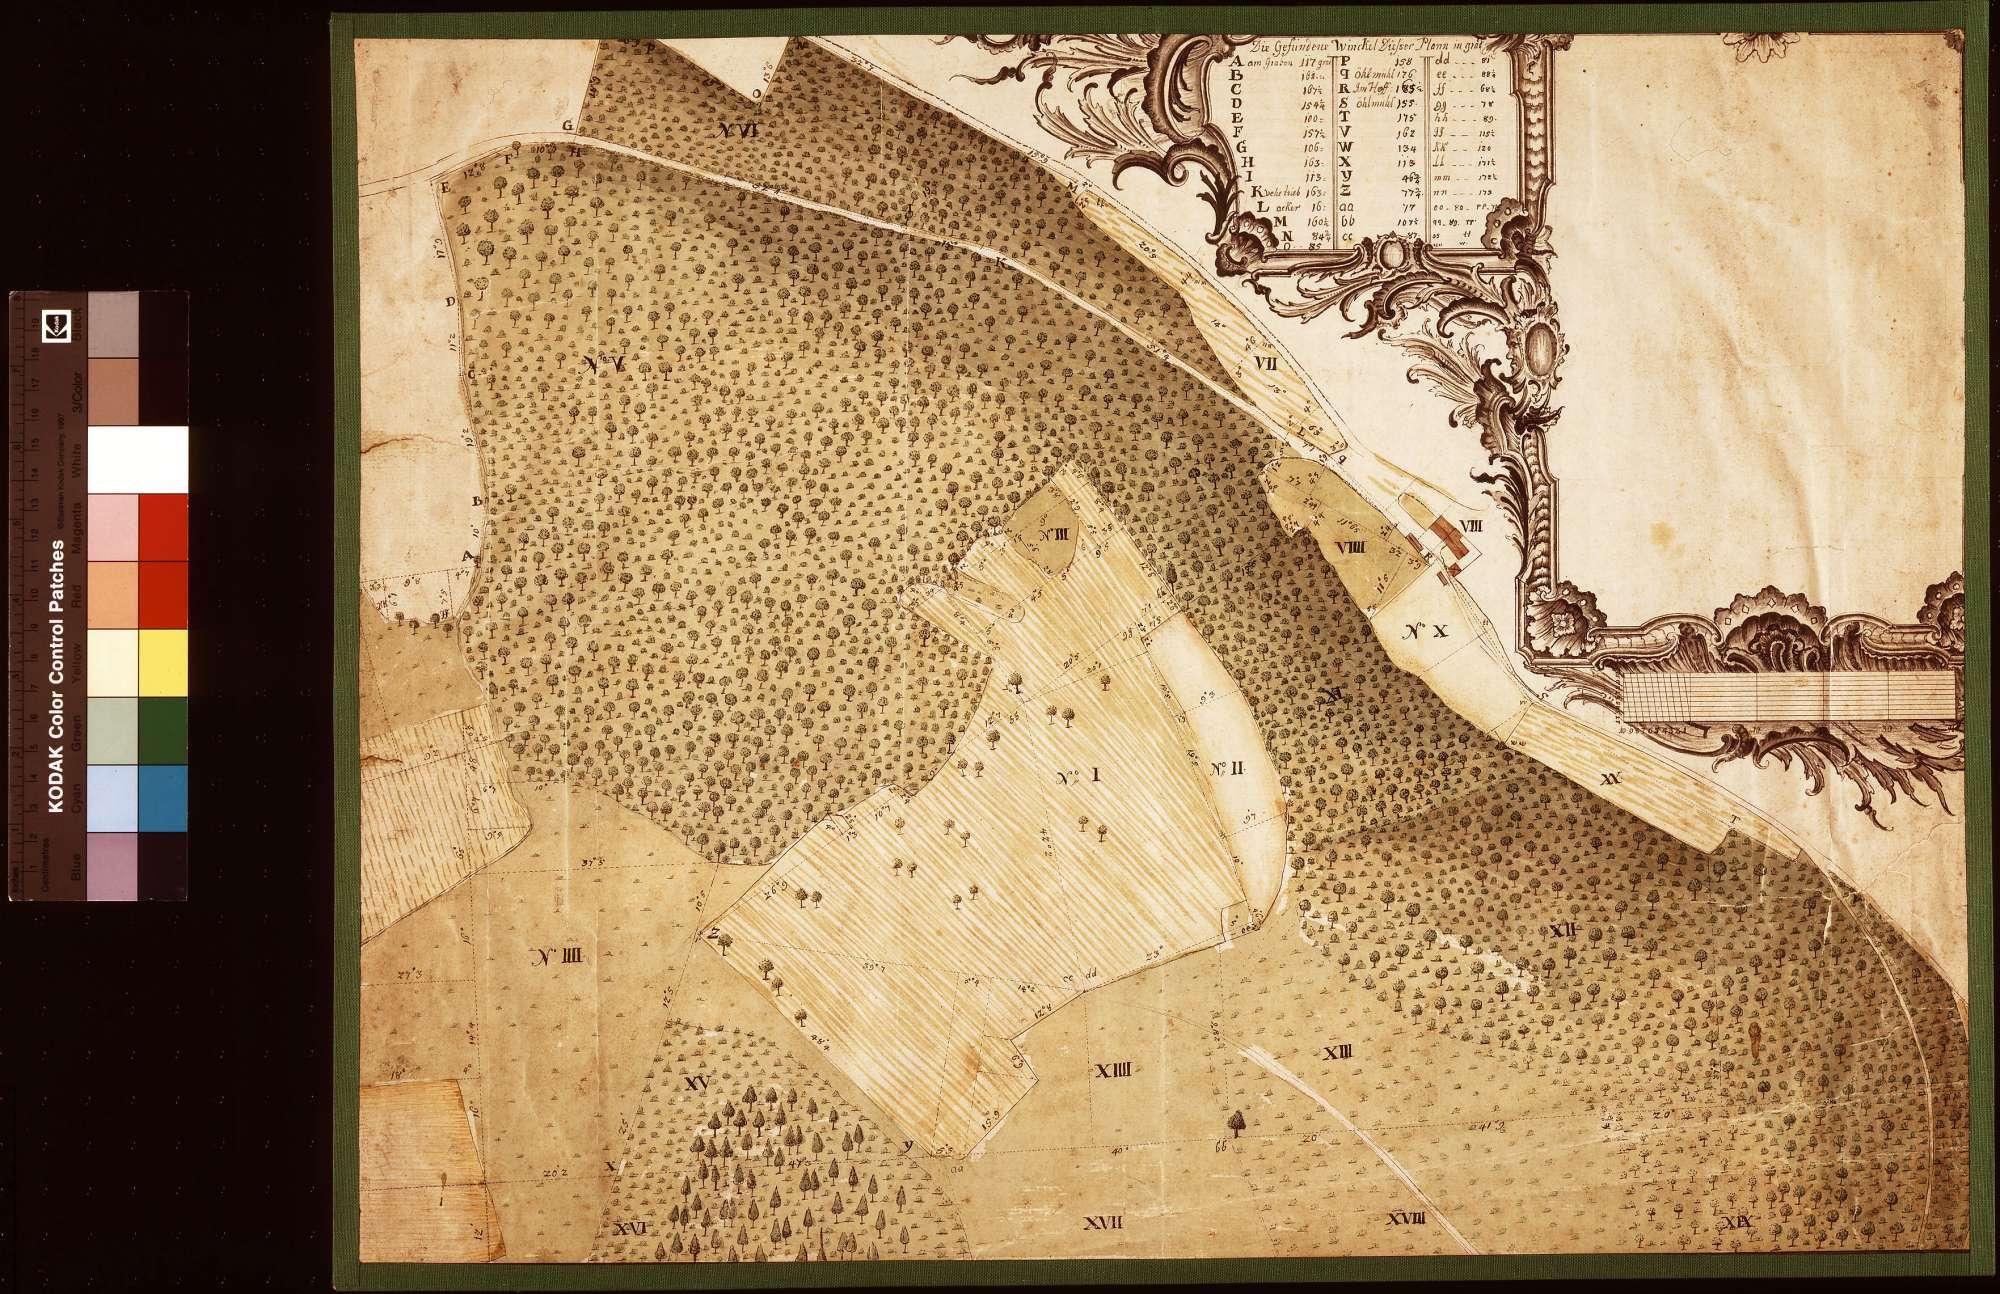 [Geometrischer Plan des bei der Ölmühle gelegenen Teils des Geißrains] (Inselkarte), Bild 1